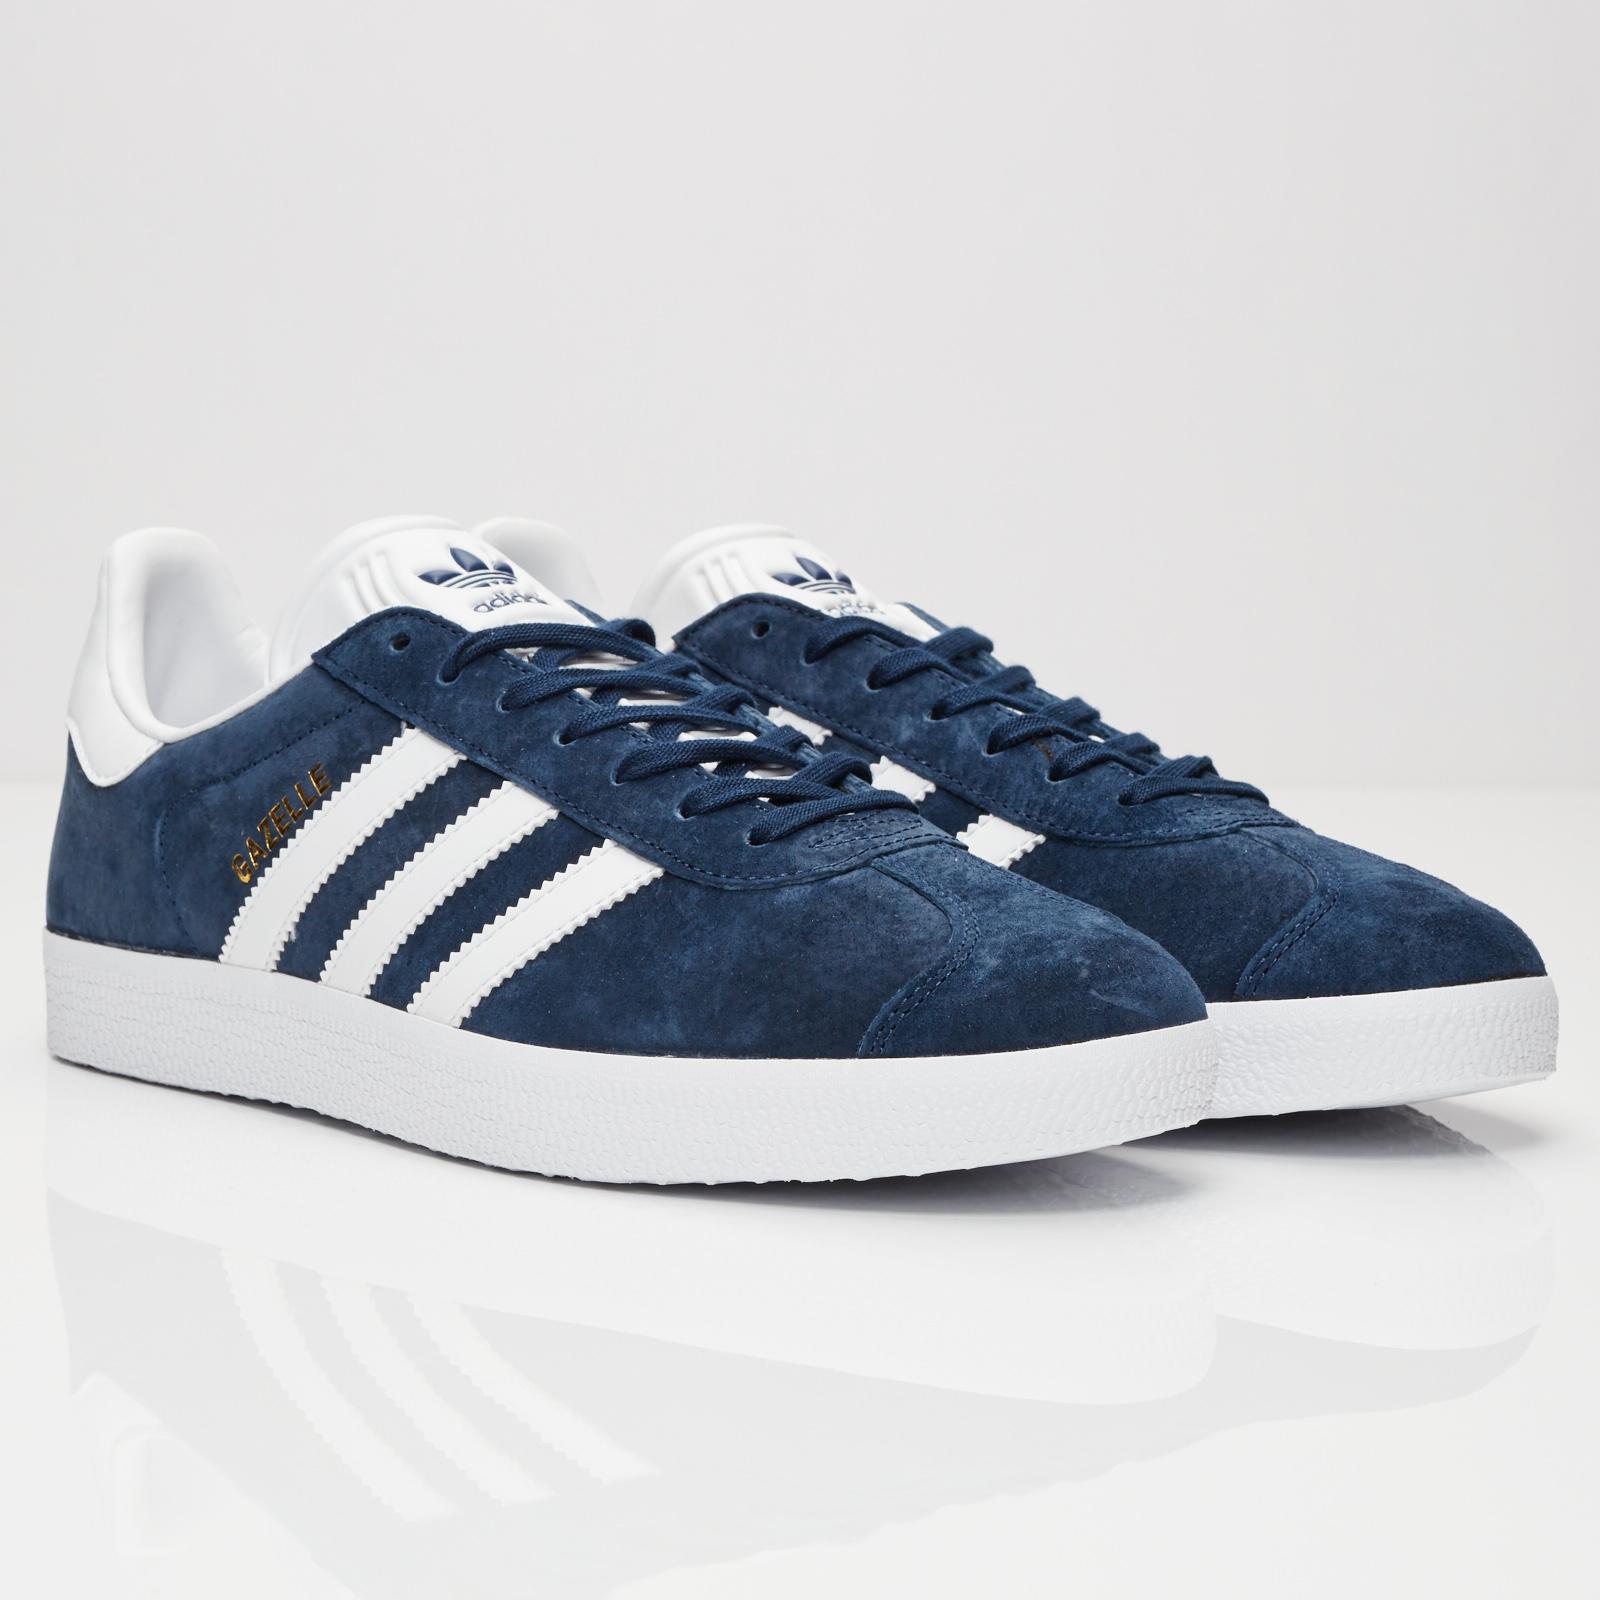 Streetwear Sneakers Et En Sneakersnstuff Bb5478 Gazelle Adidas qXwTvRW70n